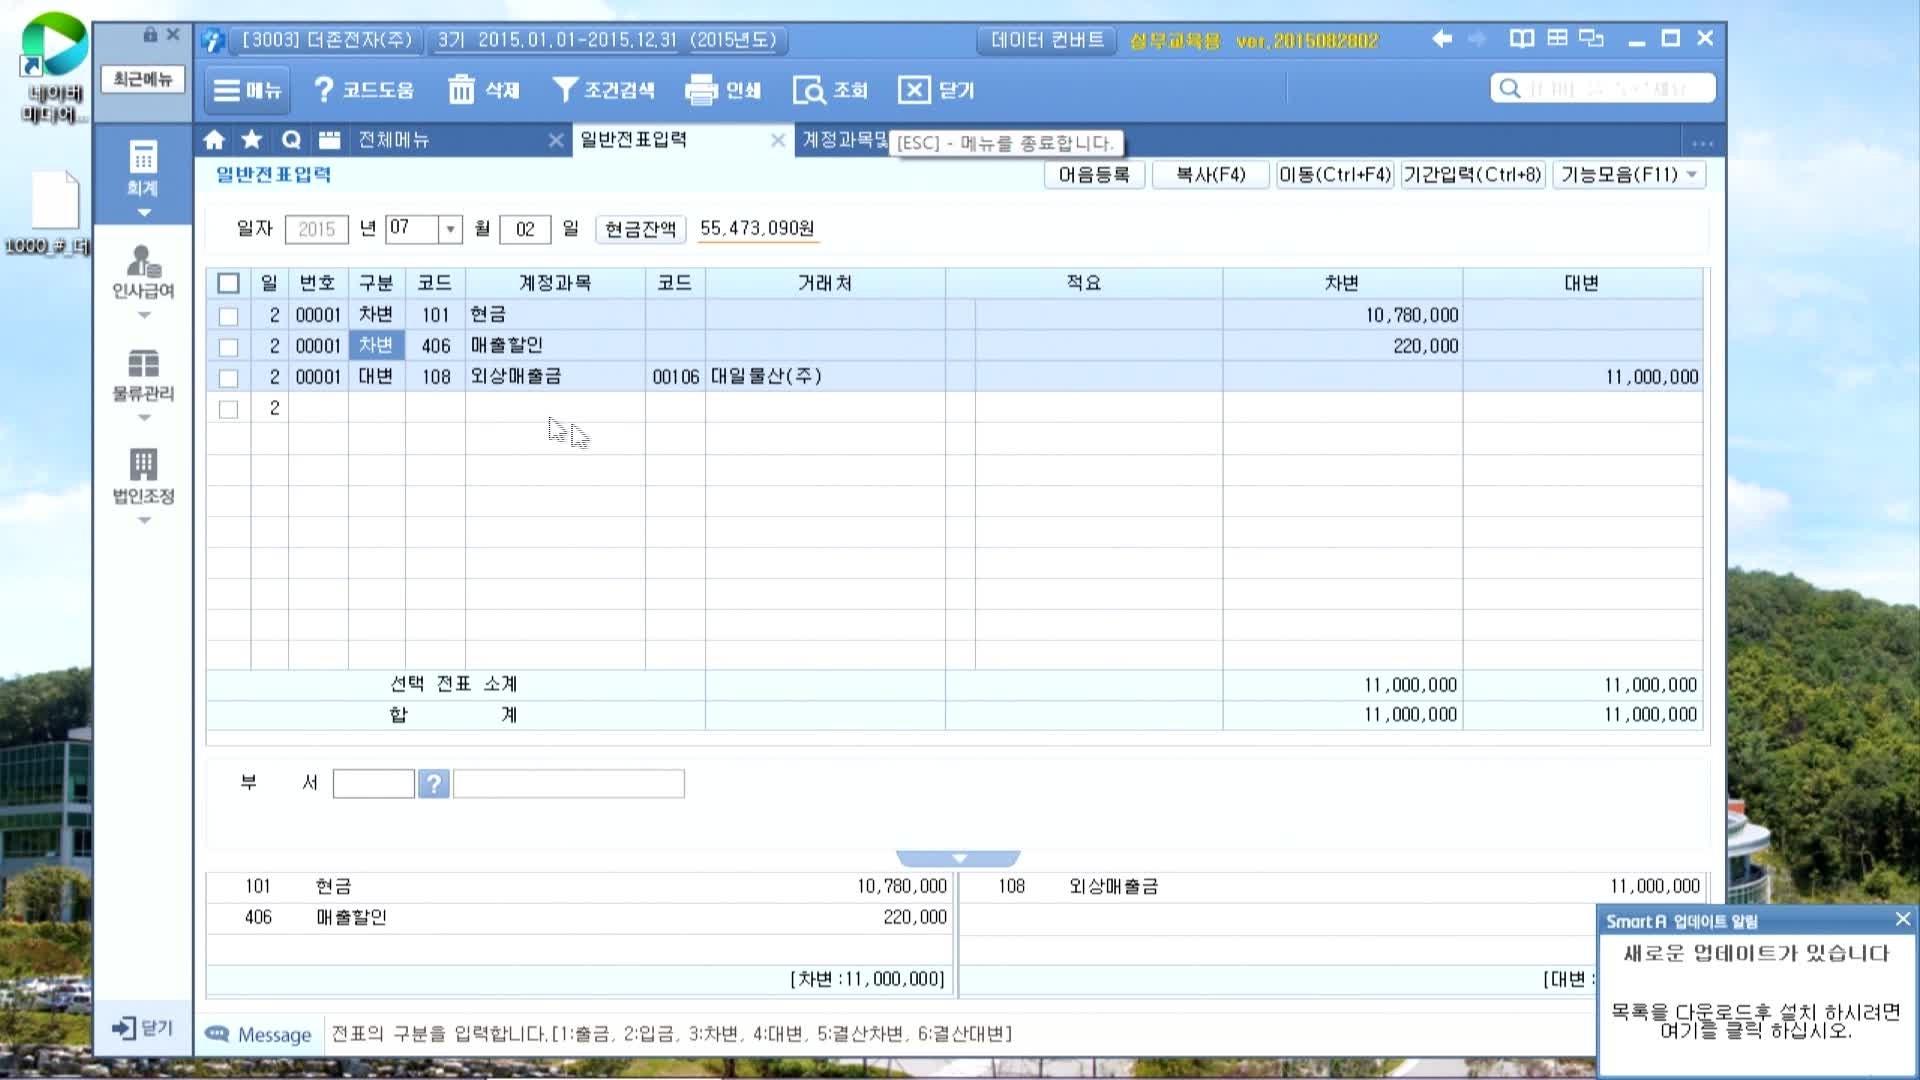 15차시_일반거래자료입력(2), 매입매출거래자료입력